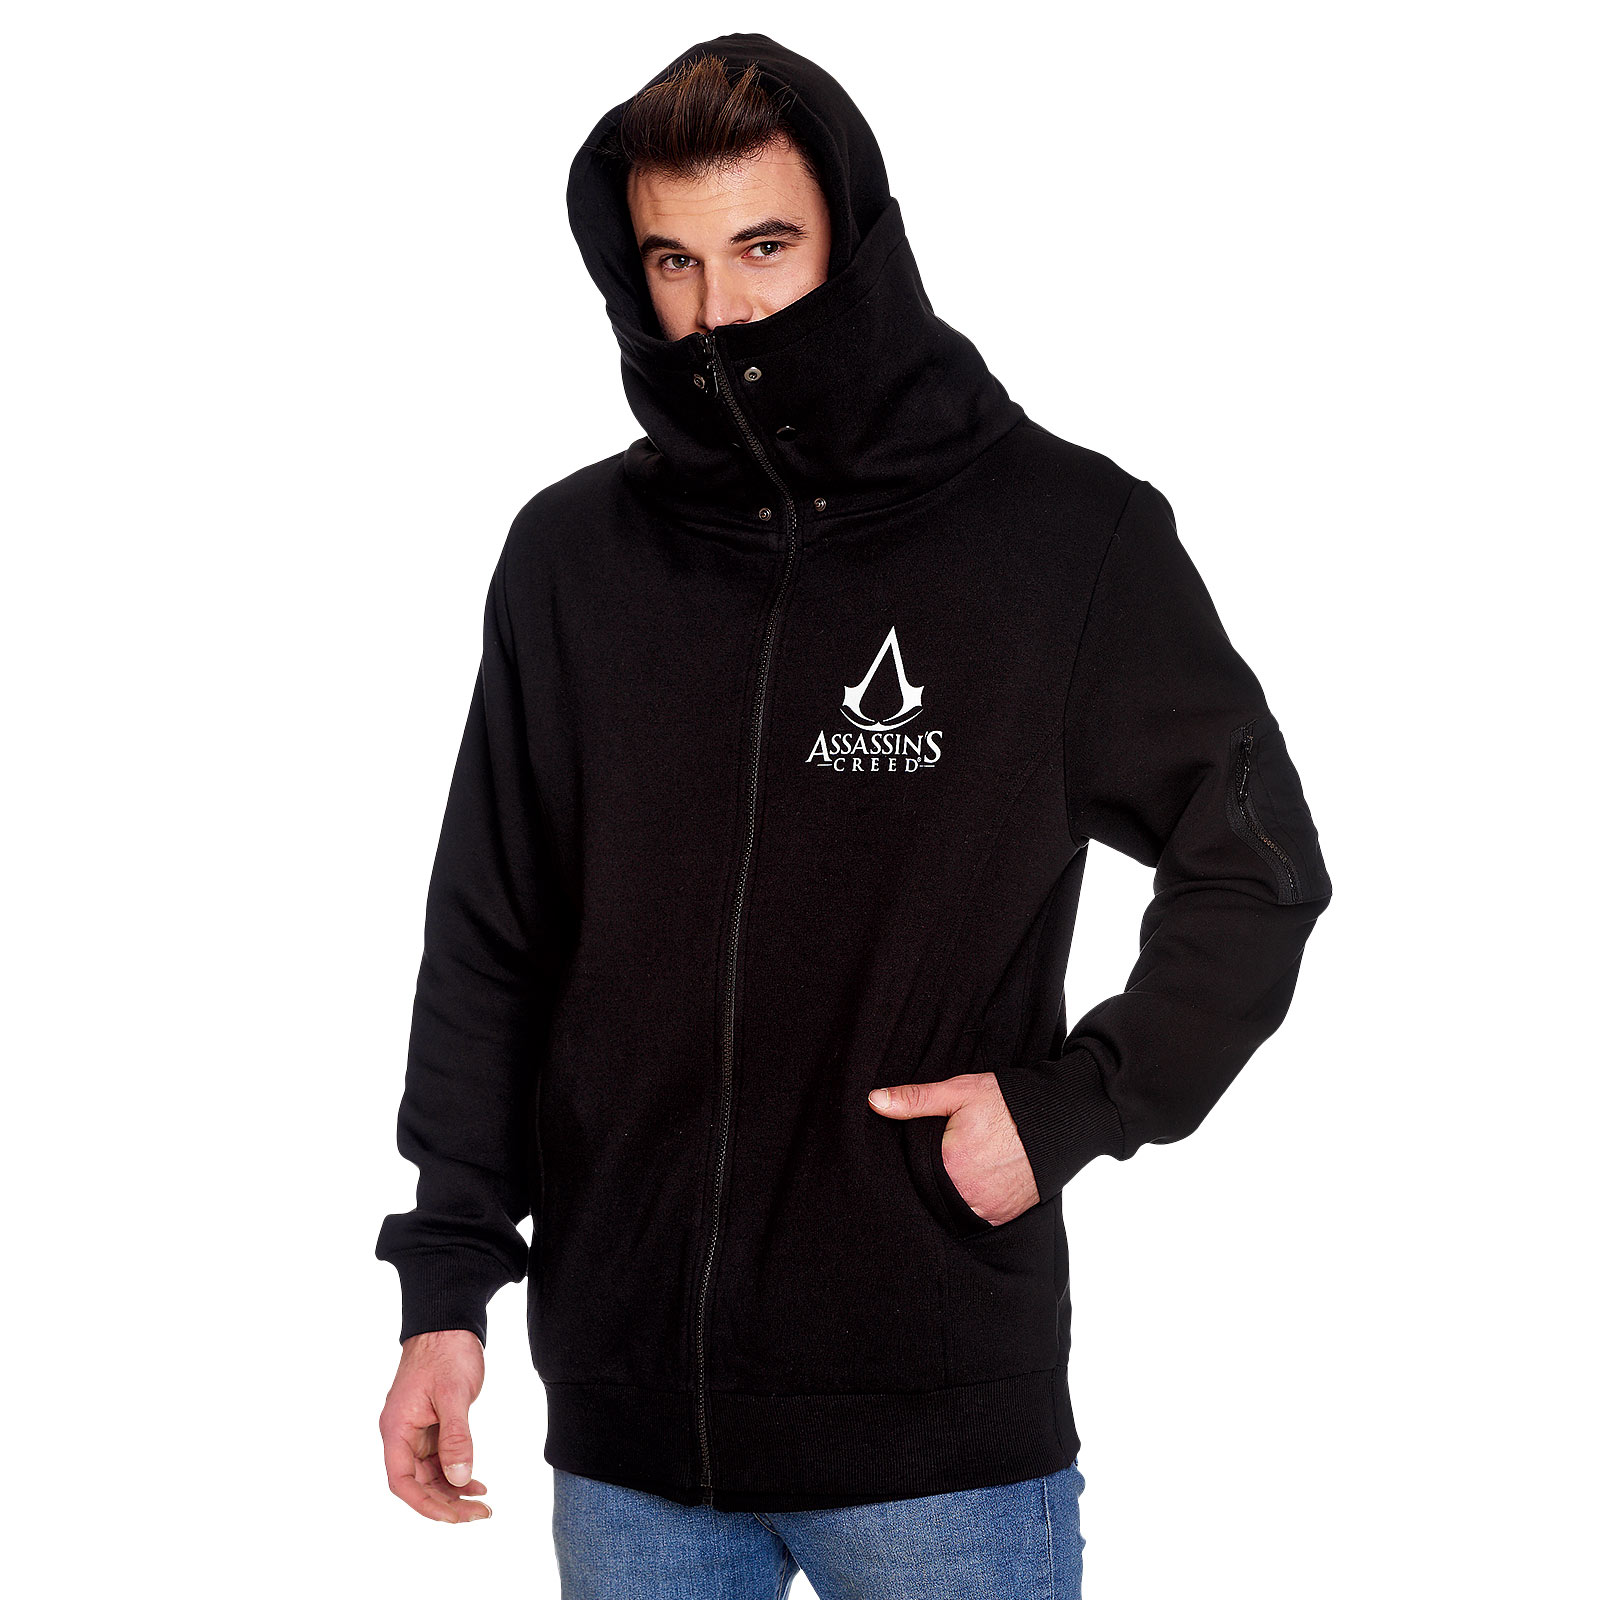 Assassins Creed - Logo Kapuzenjacke doppellagig schwarz